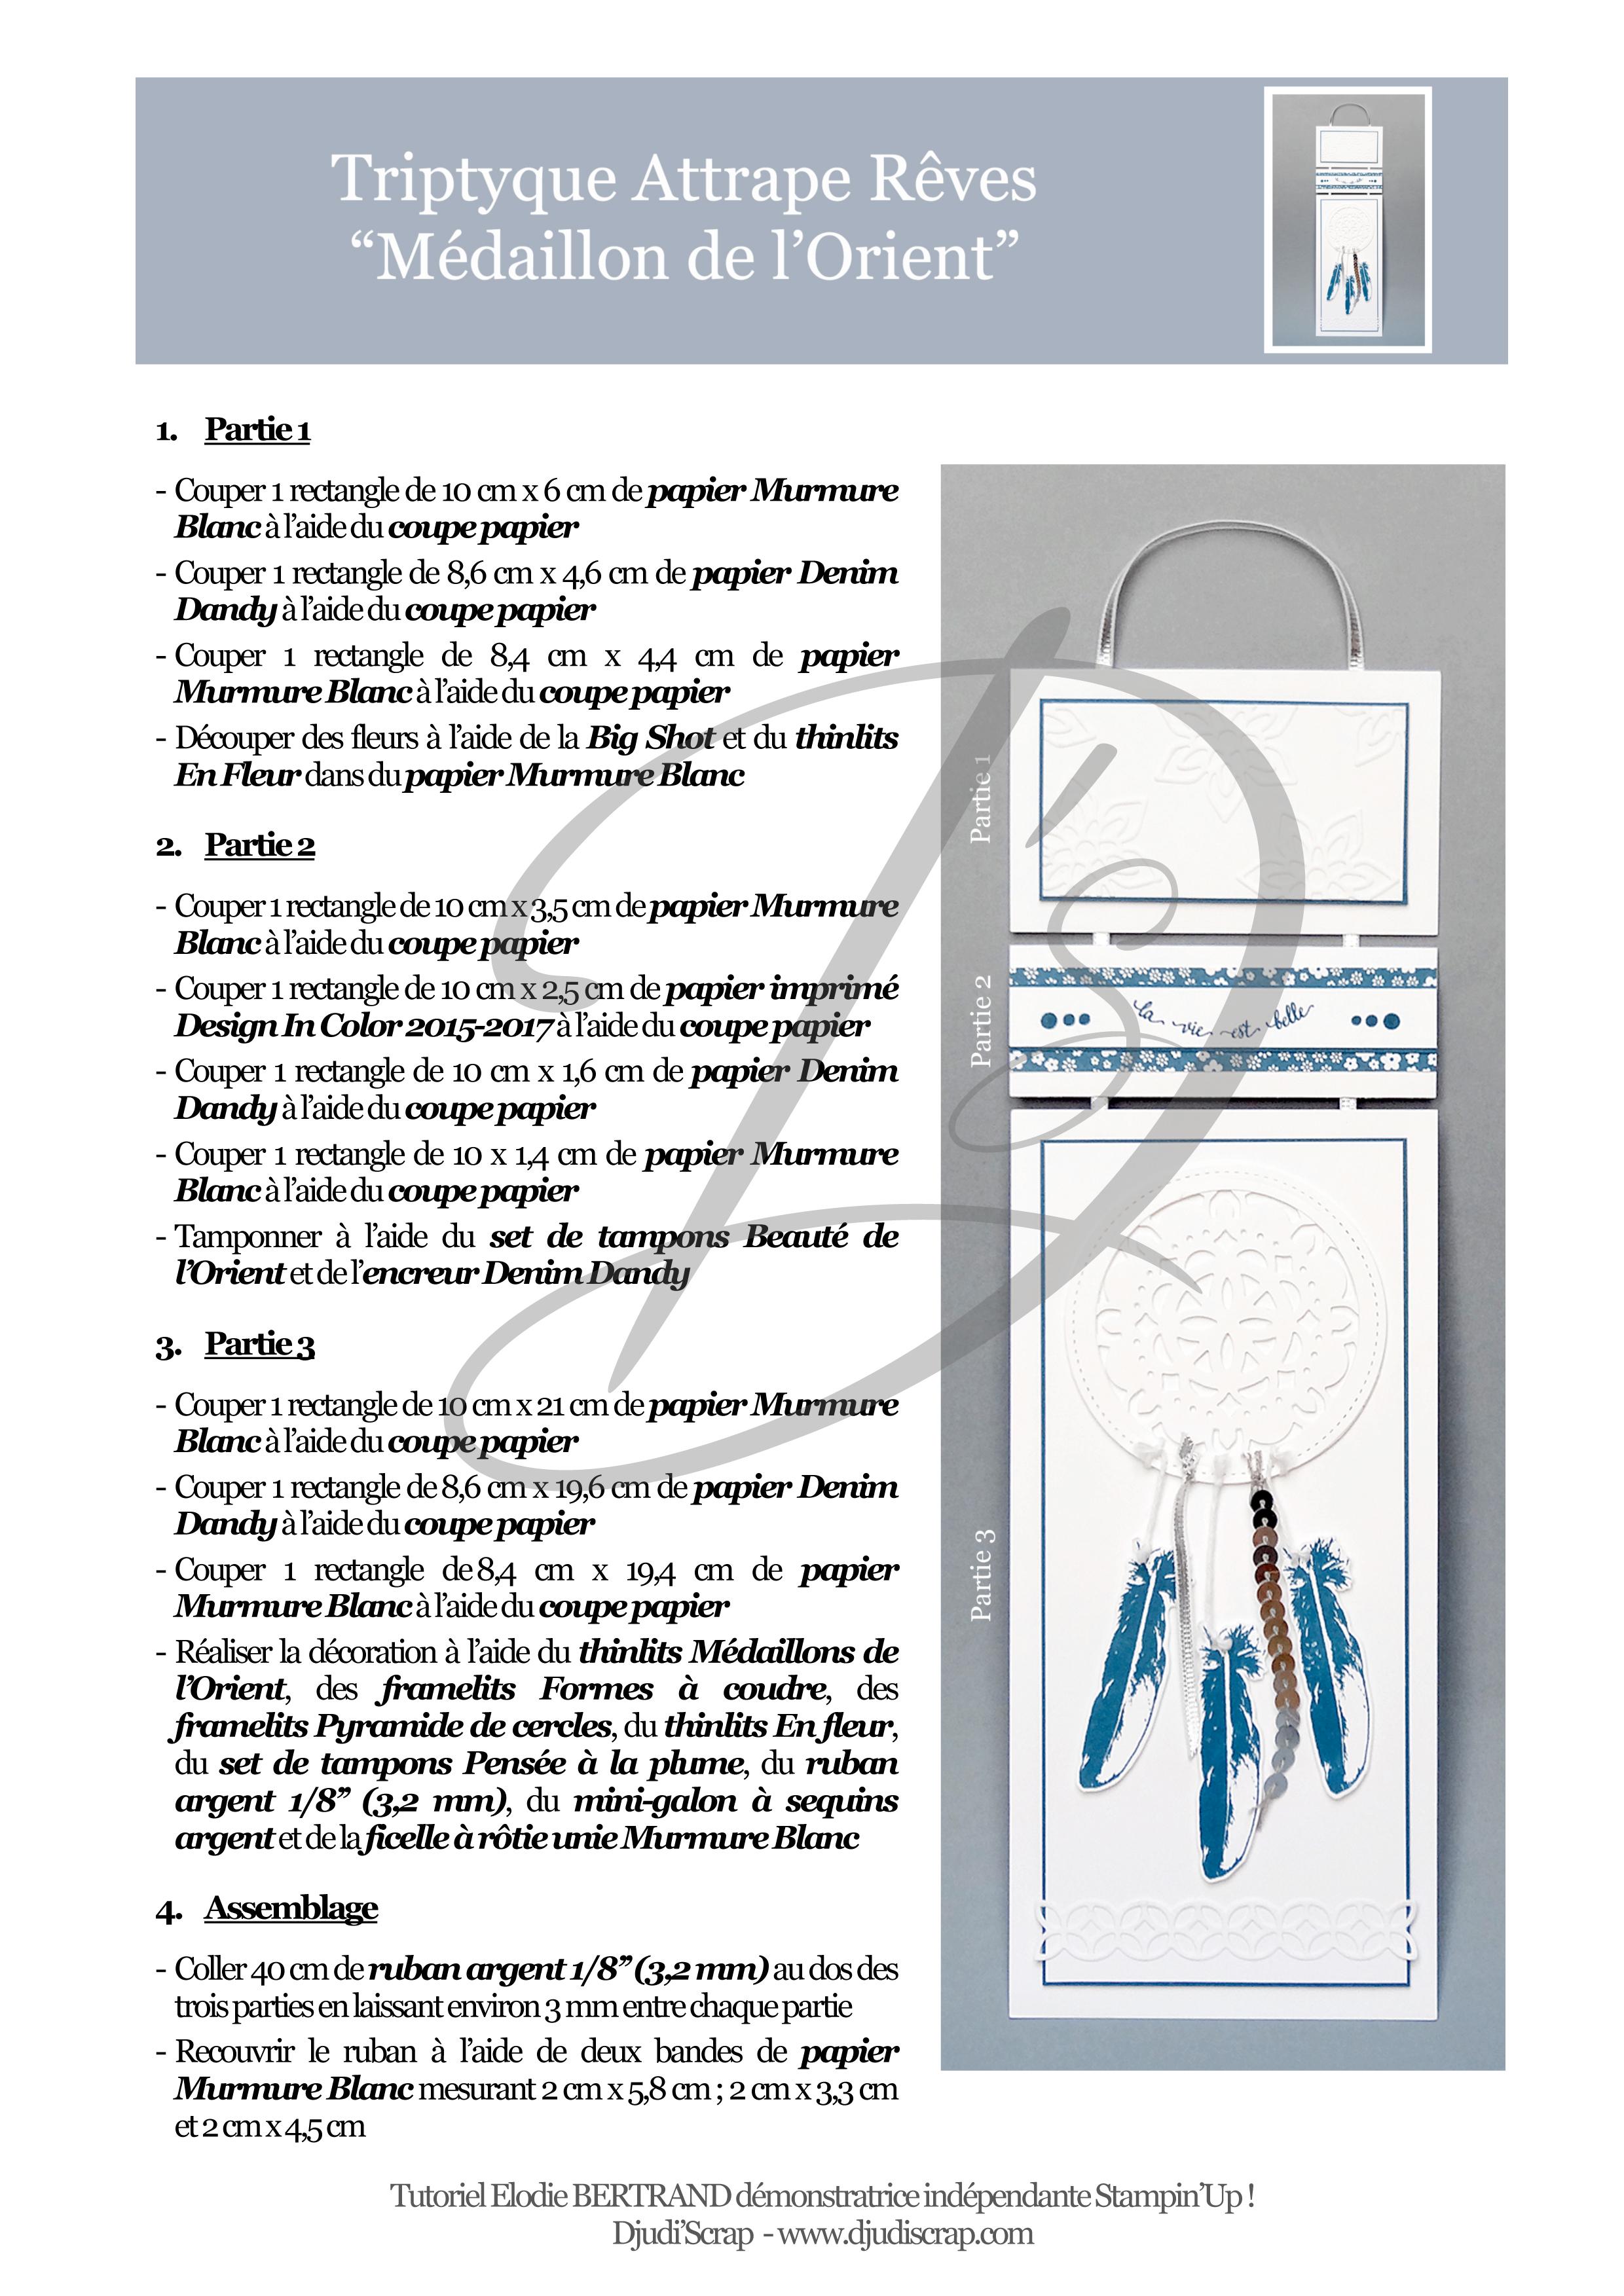 Microsoft Word - Triptyque Attrape Rve 1.doc